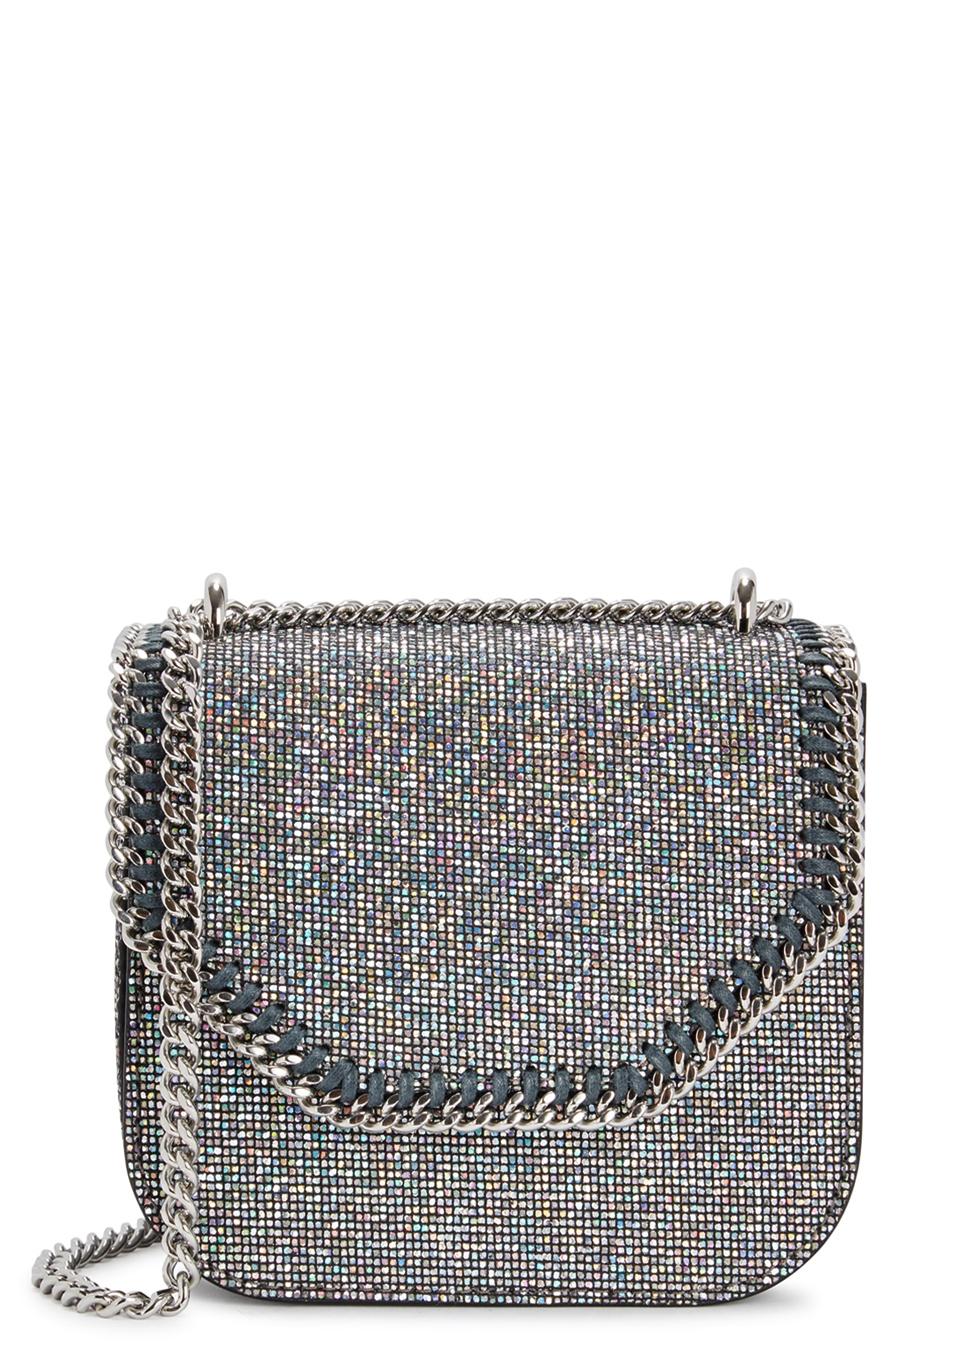 FALABELLA BOX GLITTERED SHOULDER BAG